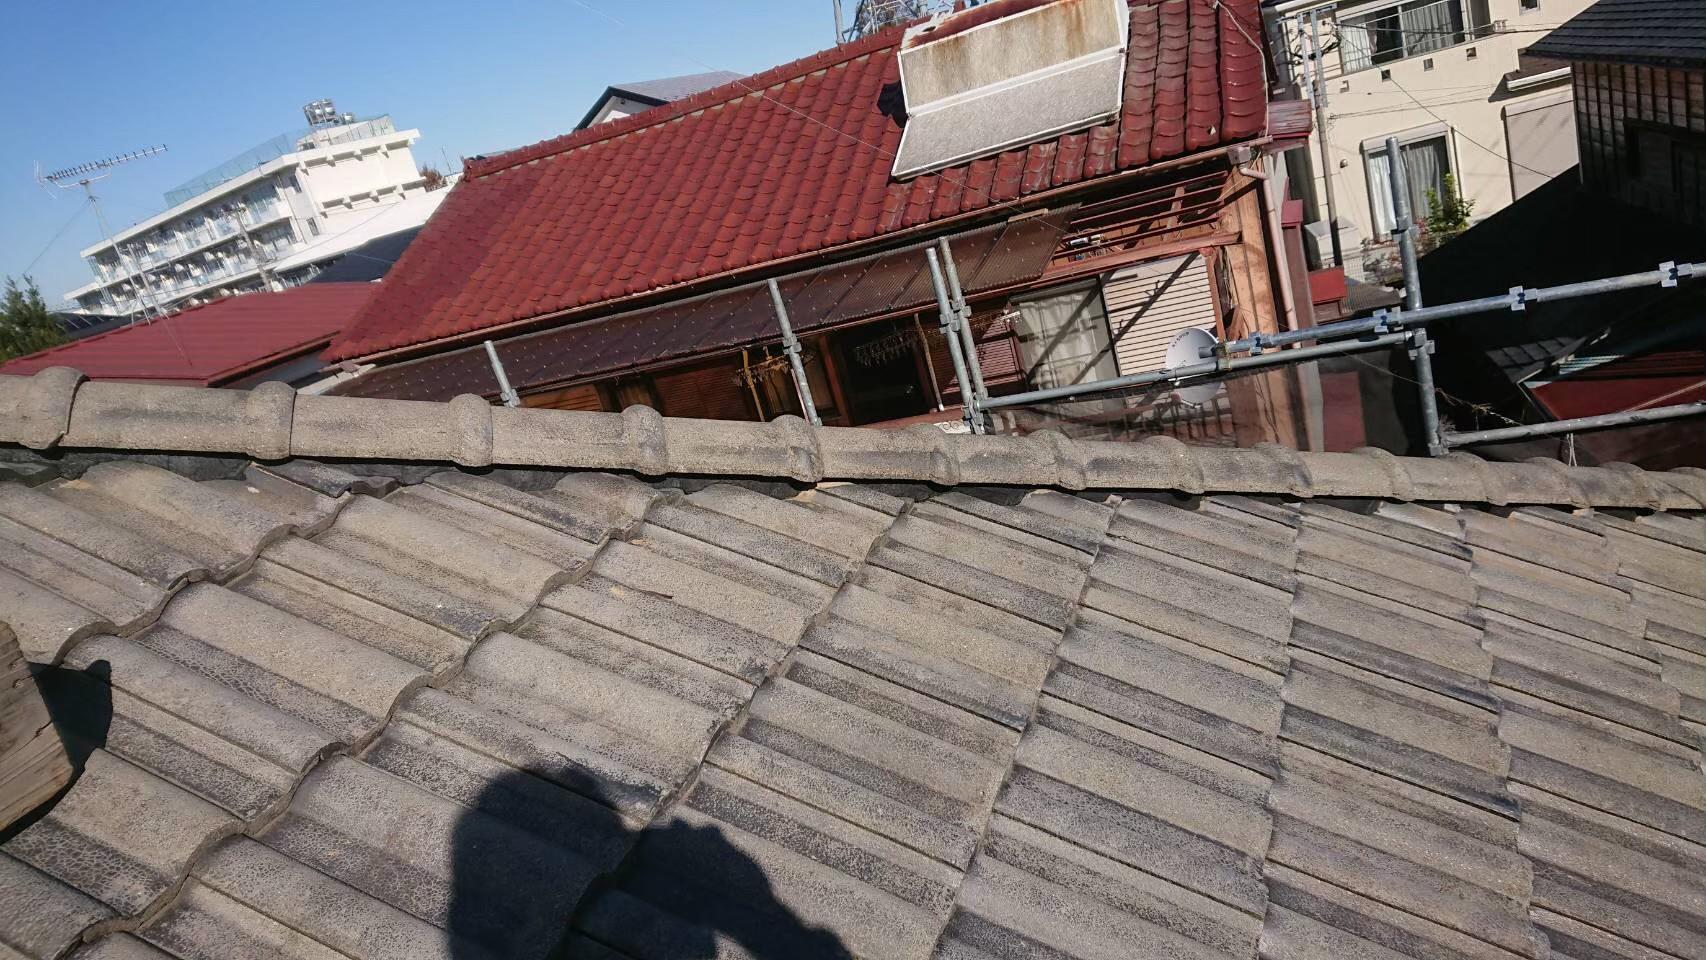 【施工完了報告!】埼玉県富士見市にて棟瓦の補修工事を完工!